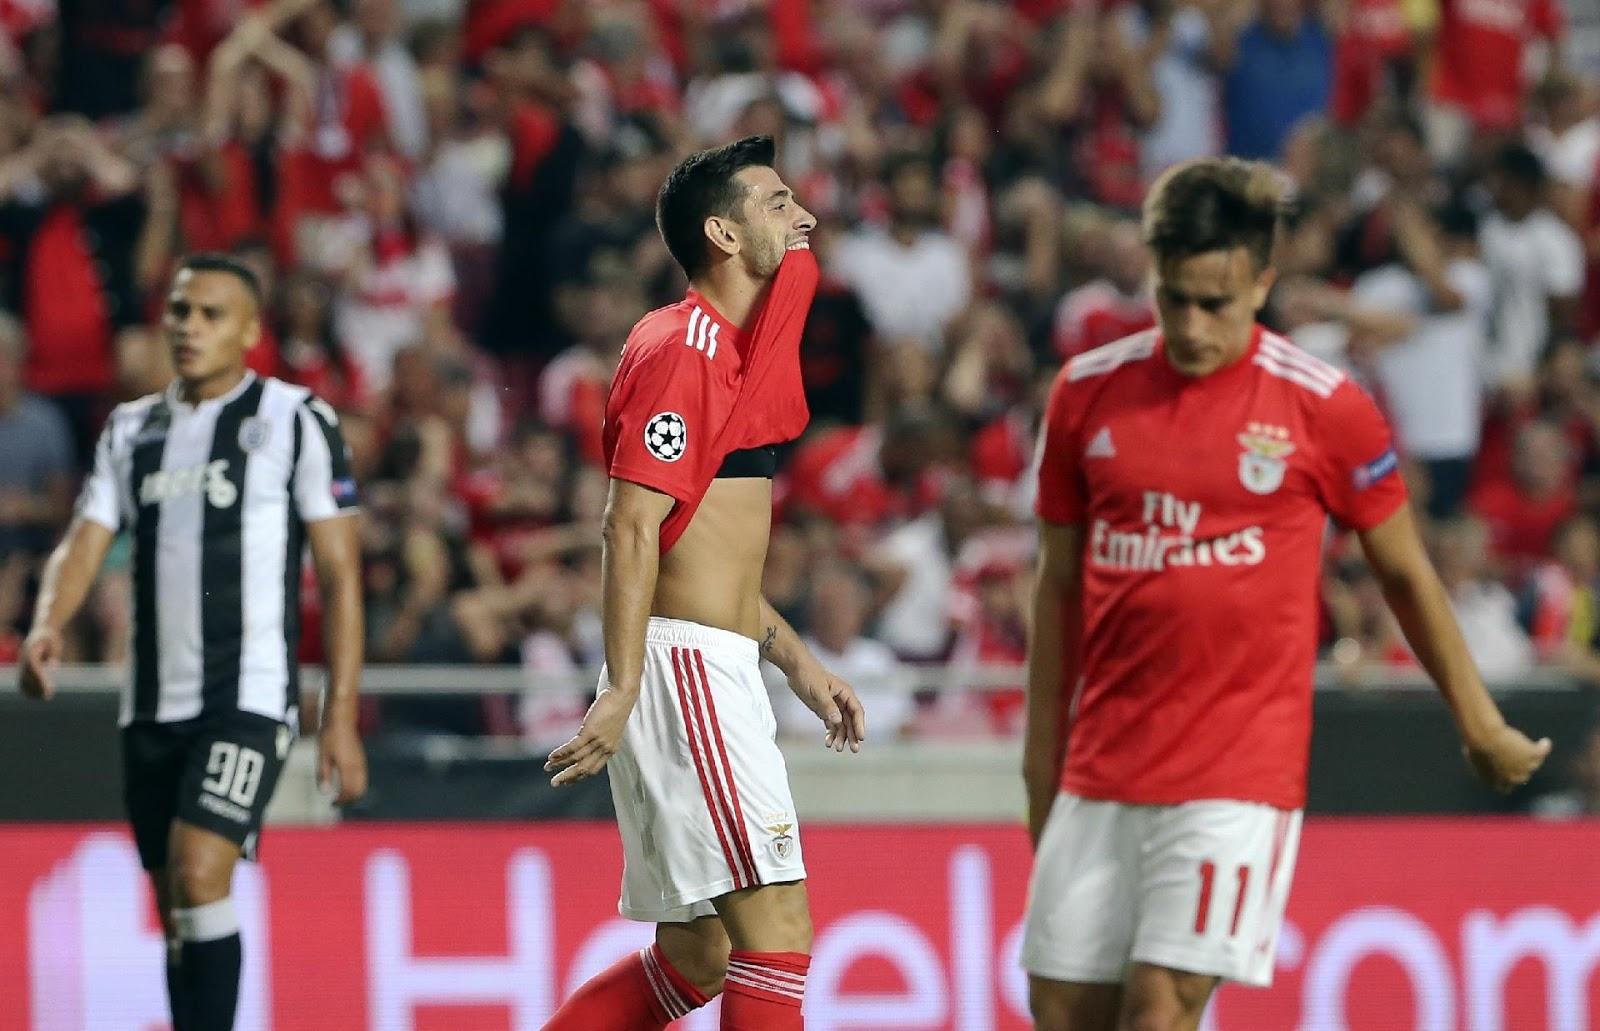 53725d1cc6 Boavista 0 - Benfica 2   Benfica 1 - PAOK 1